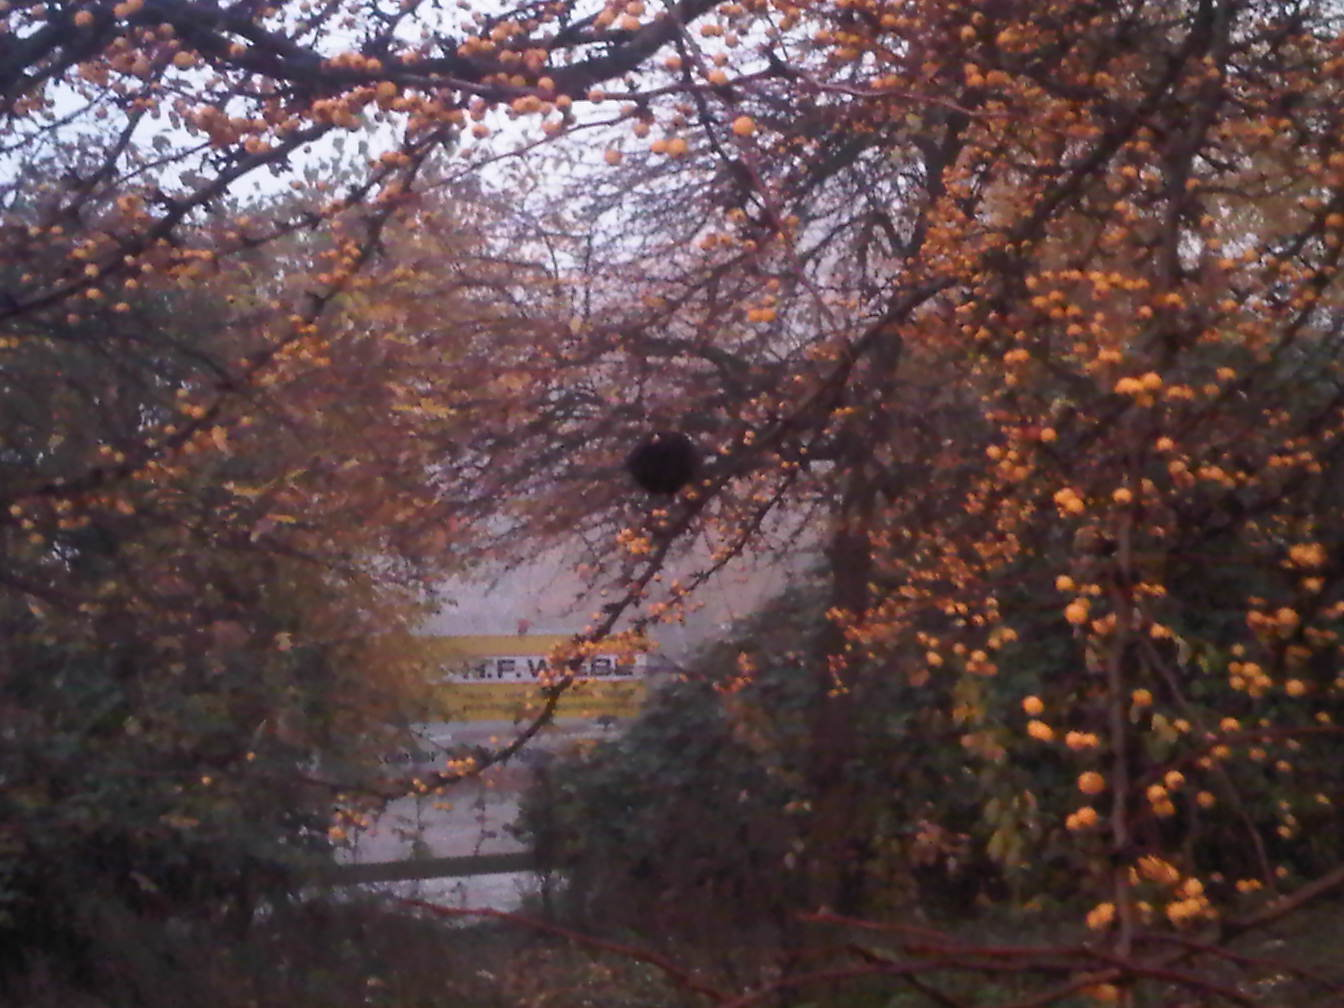 Amsel pickt Beeren - Blackbird picks berries